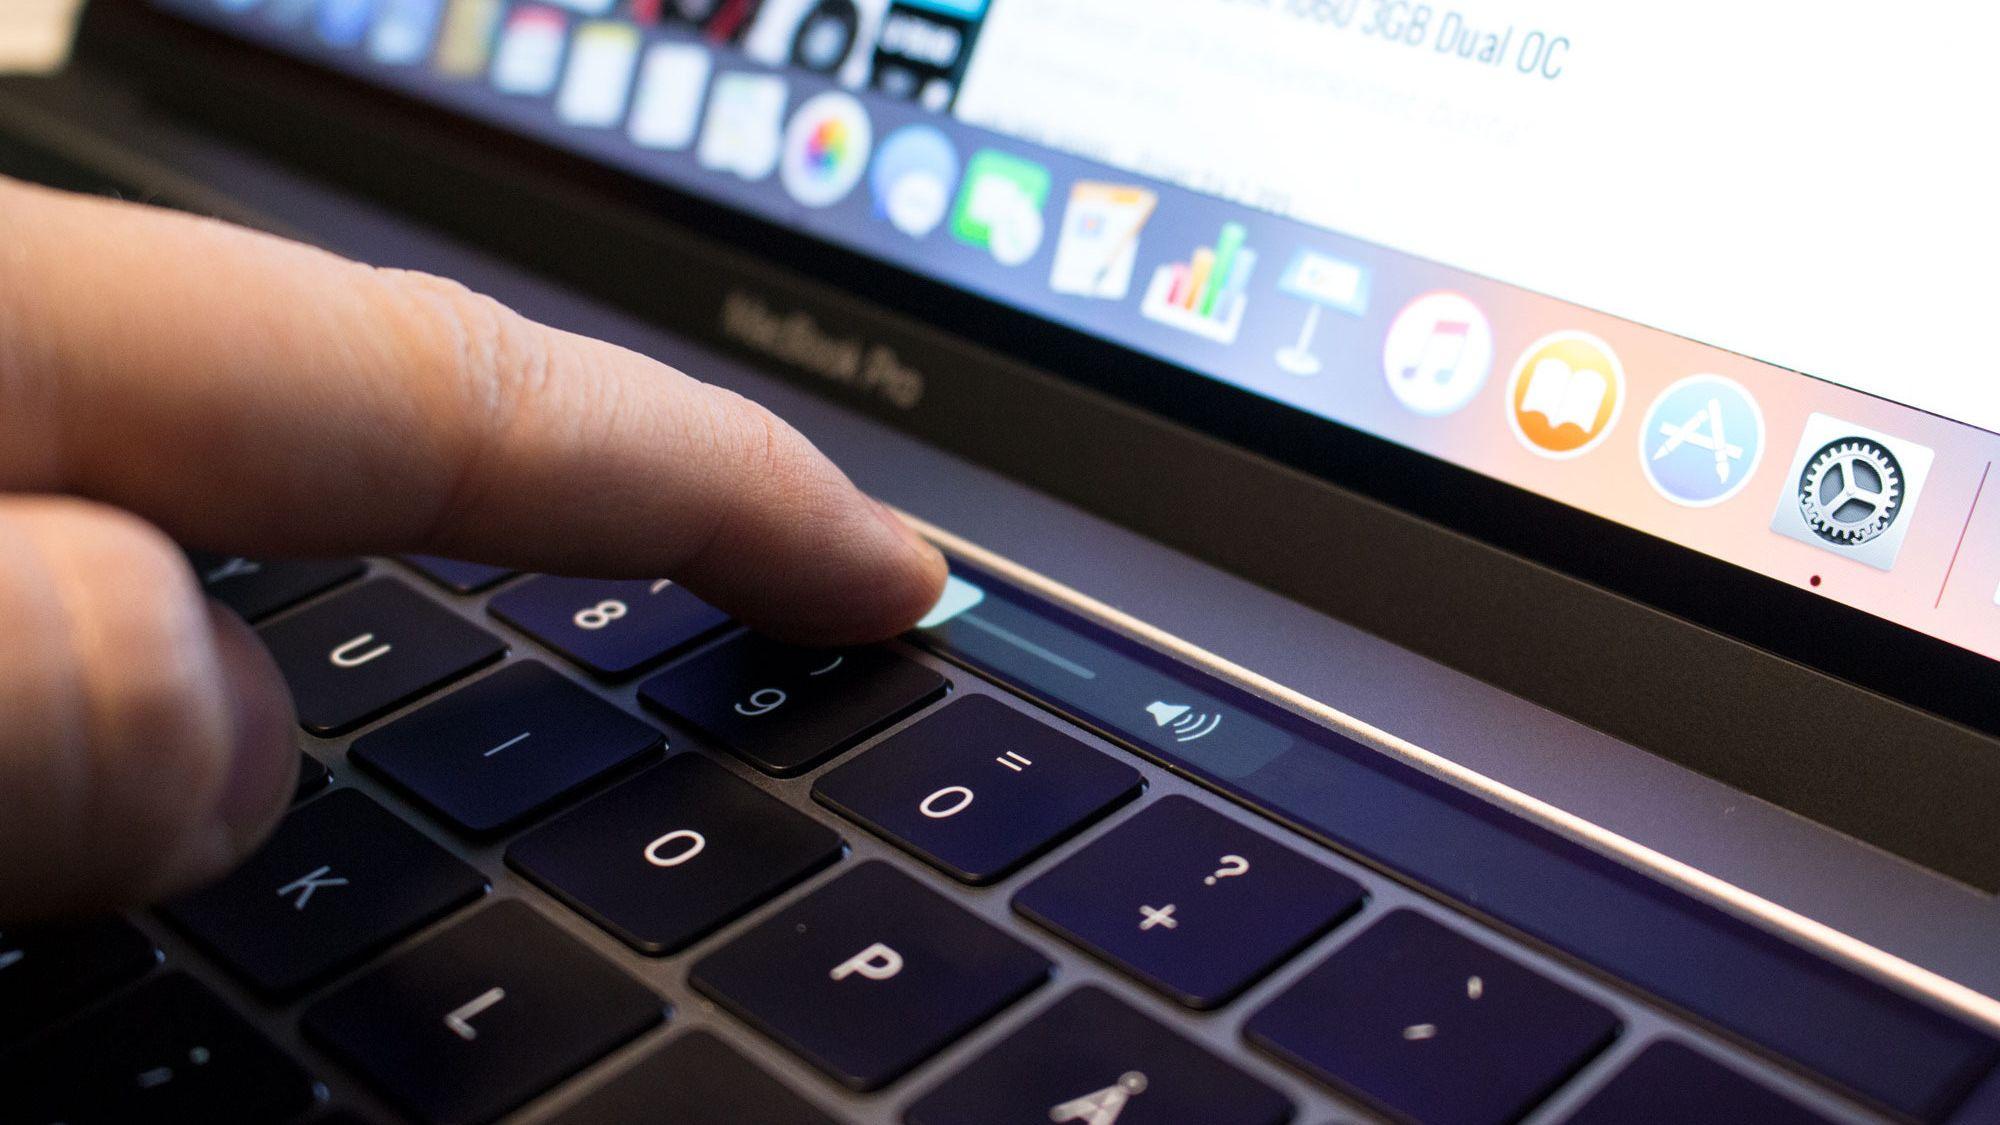 Brukere opplever at nye MacBook Pro gir dårligere batteritid enn annonsert